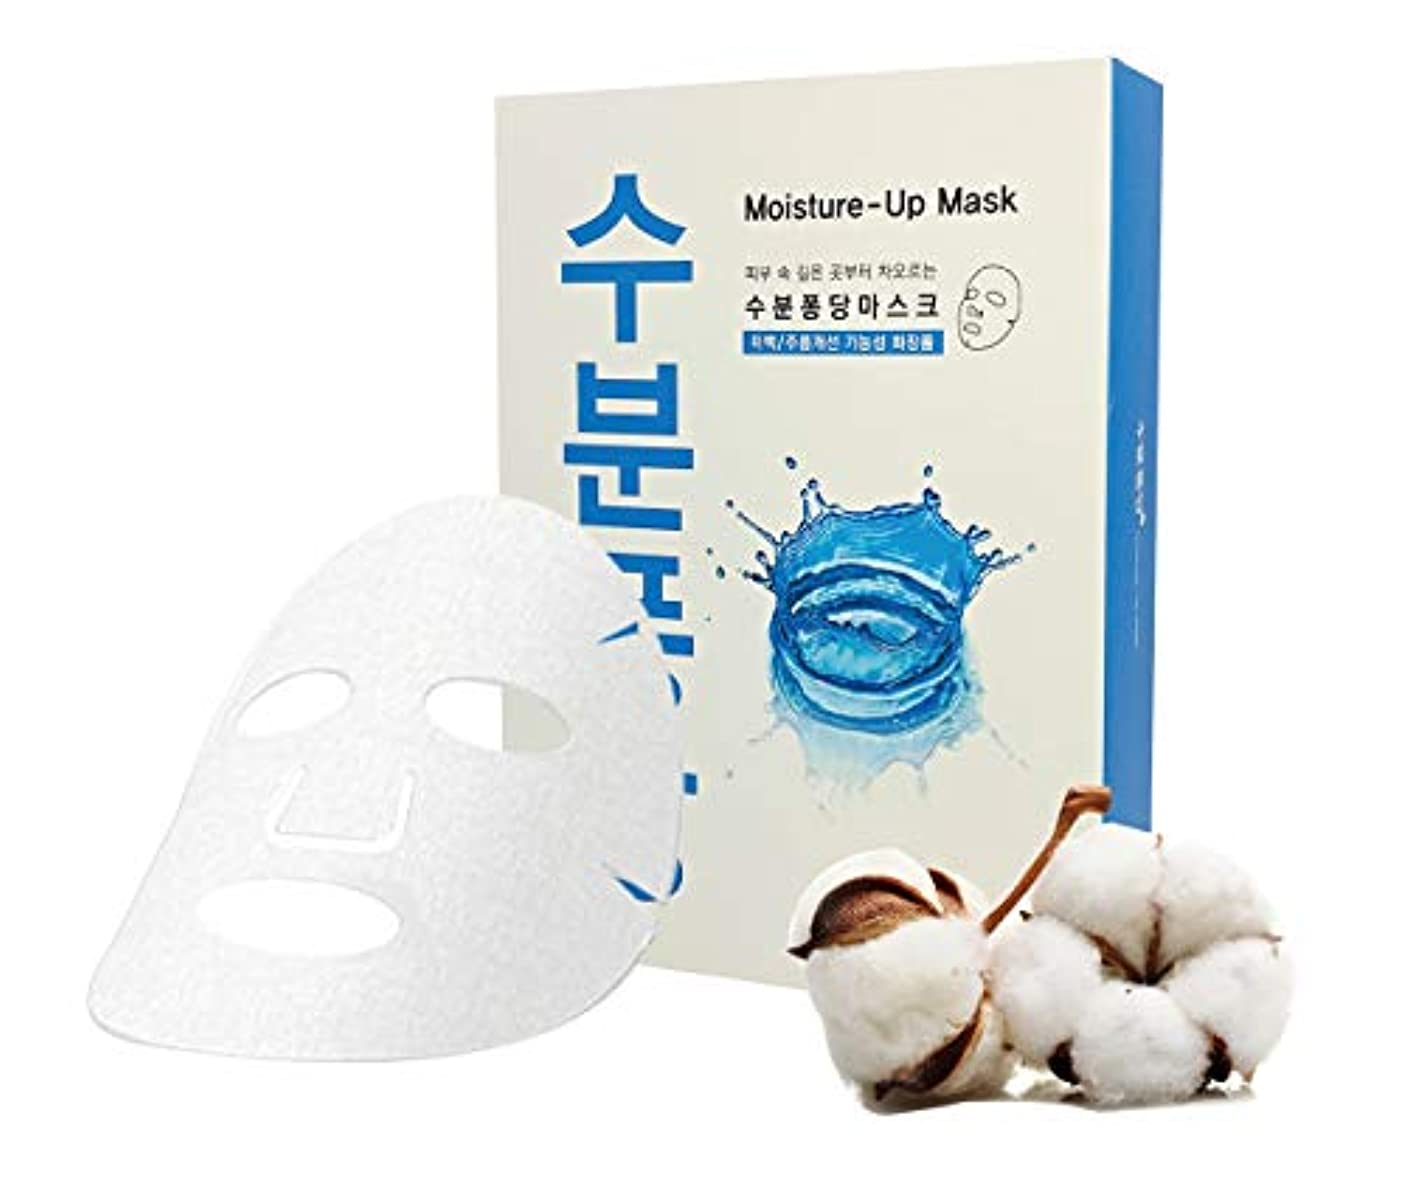 シエスタ絶望的な顕現[アンサー ナインティーン+] 保湿シートマスク 超保湿成分配合 - 17のアミノ酸混合体 (N.M.F. (天然保湿因子))、ヒアルロン酸、スイレンエキス、24ml/0.8液量オンス 10点パック